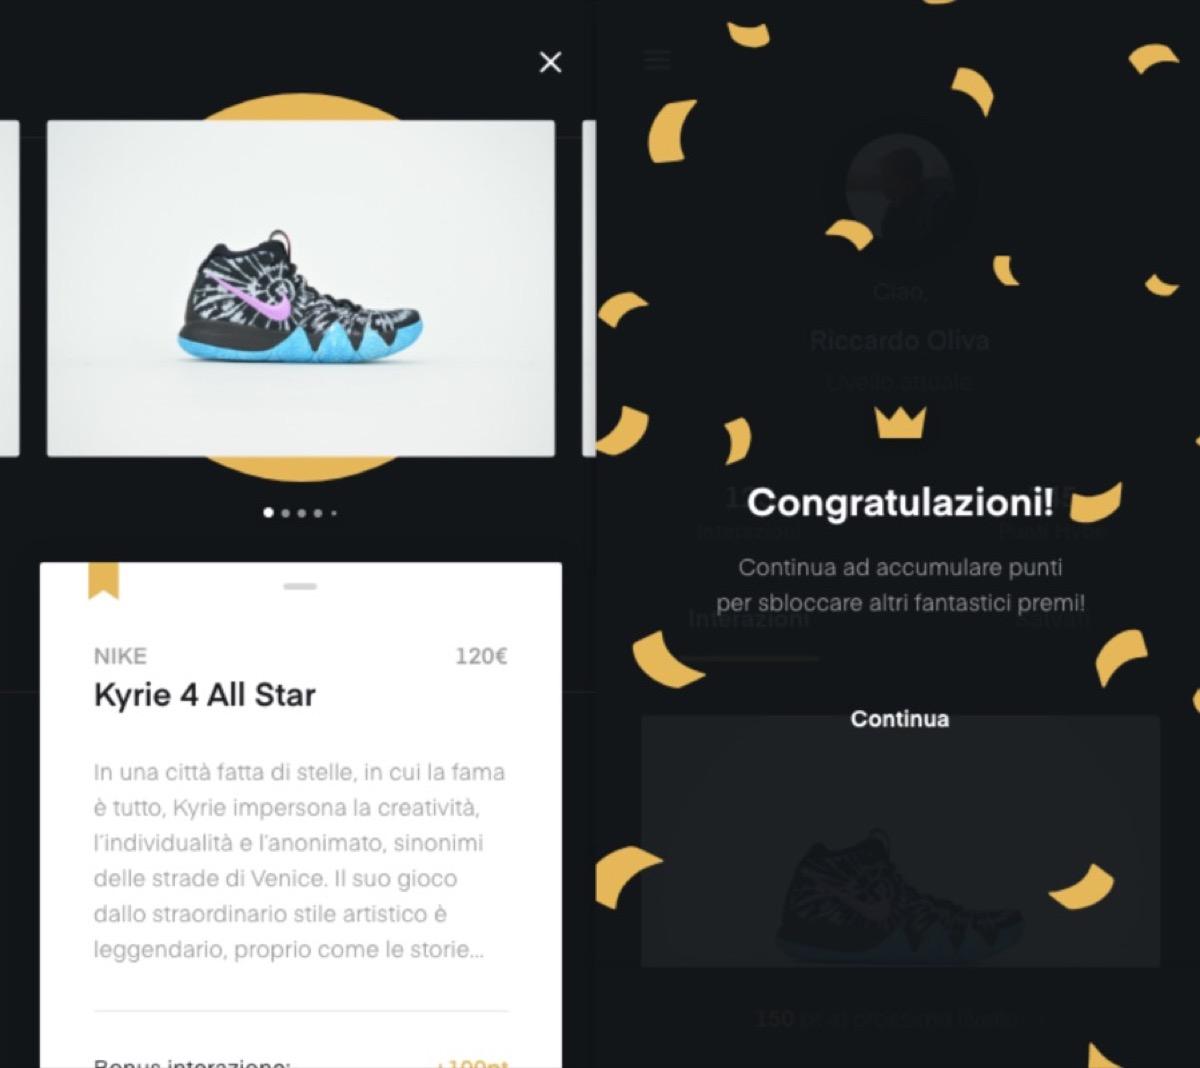 Hybe, la piattaforma Smart che vuole rivoluzionare i negozi